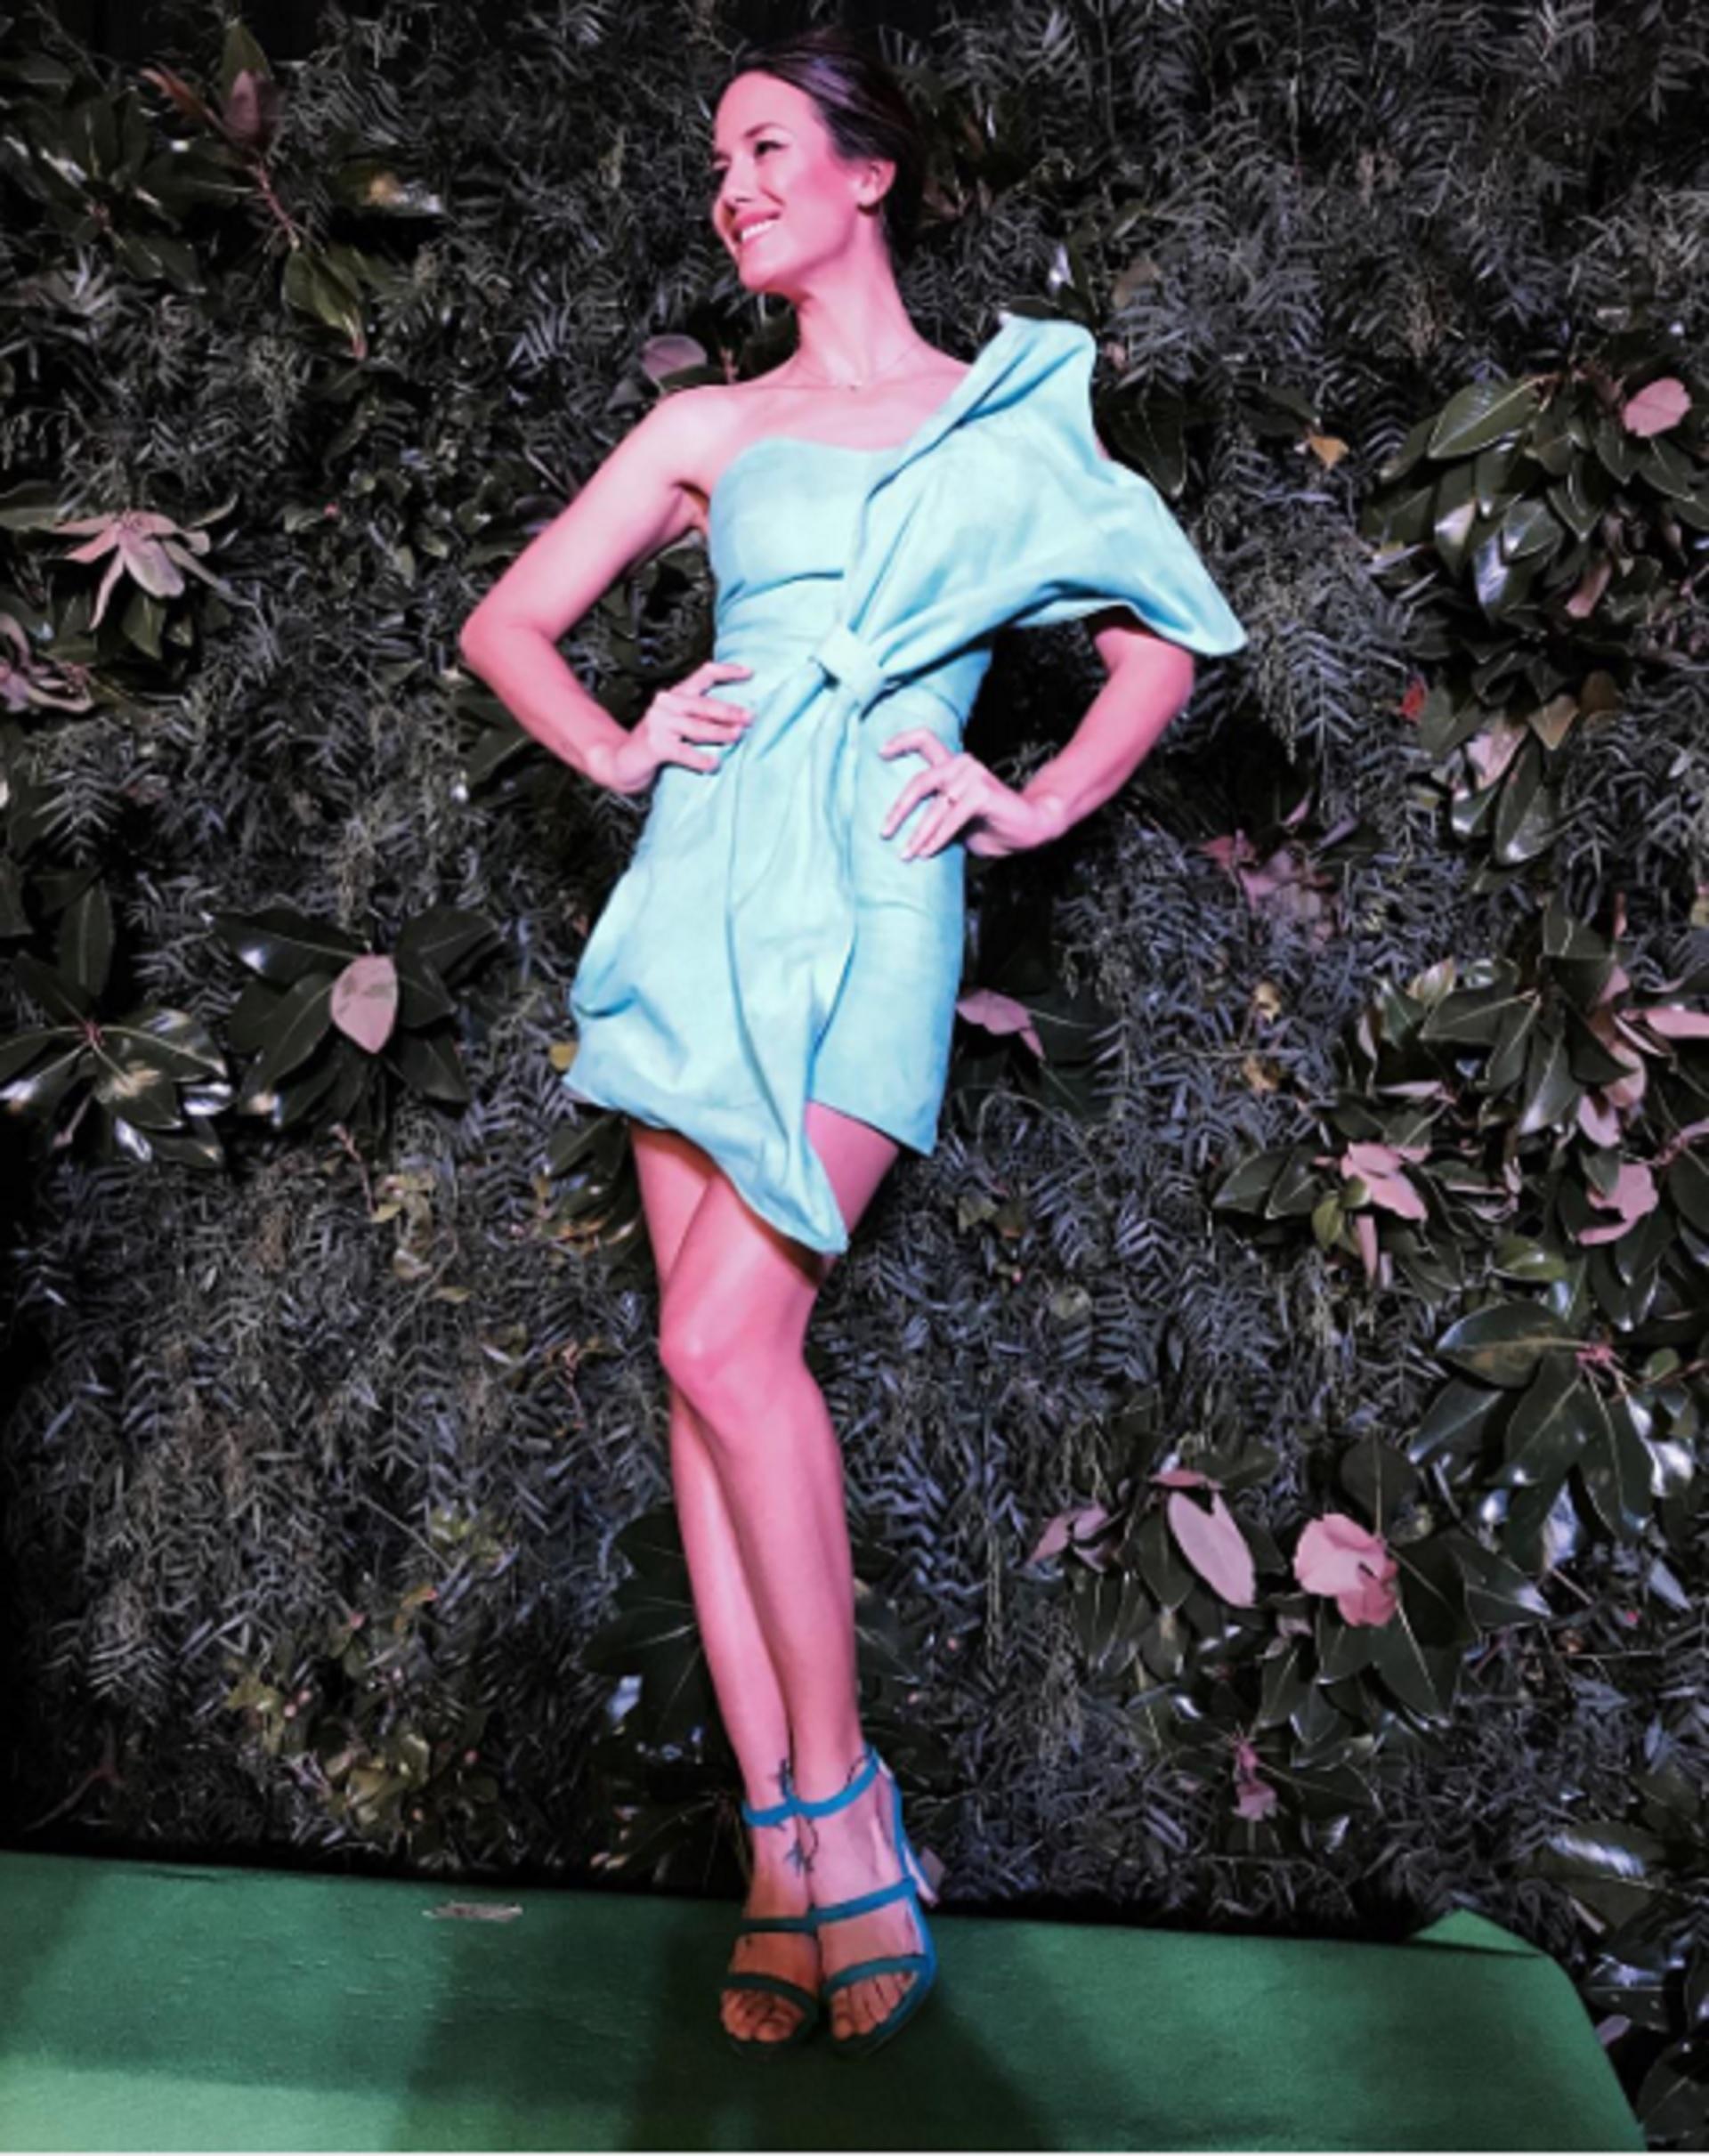 Luli Fernández: Vestido Santiago Artemis, Zapatos Ricky Zarkany, Peinado y maquillake Juanma Cativa